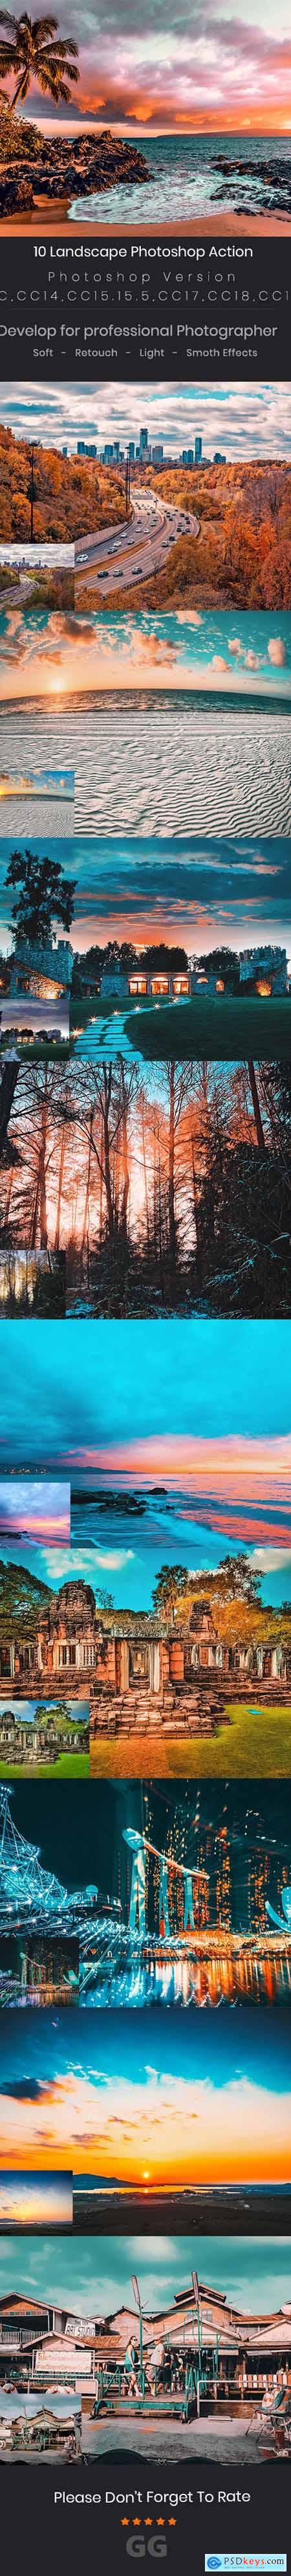 10 Landscape Photoshop Action 24688104